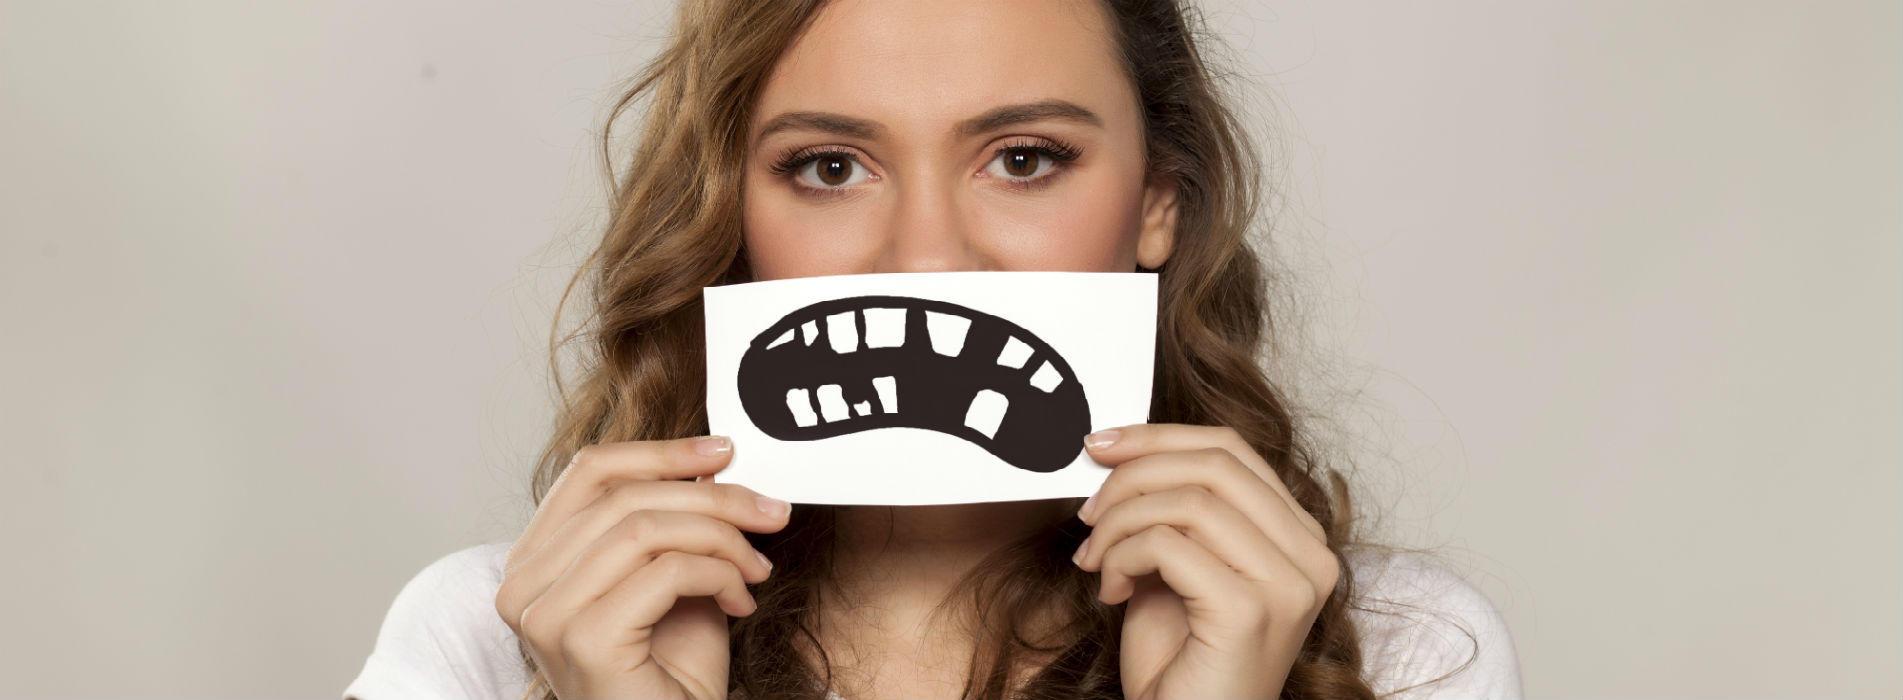 Clínica dental reconstrucción dientes